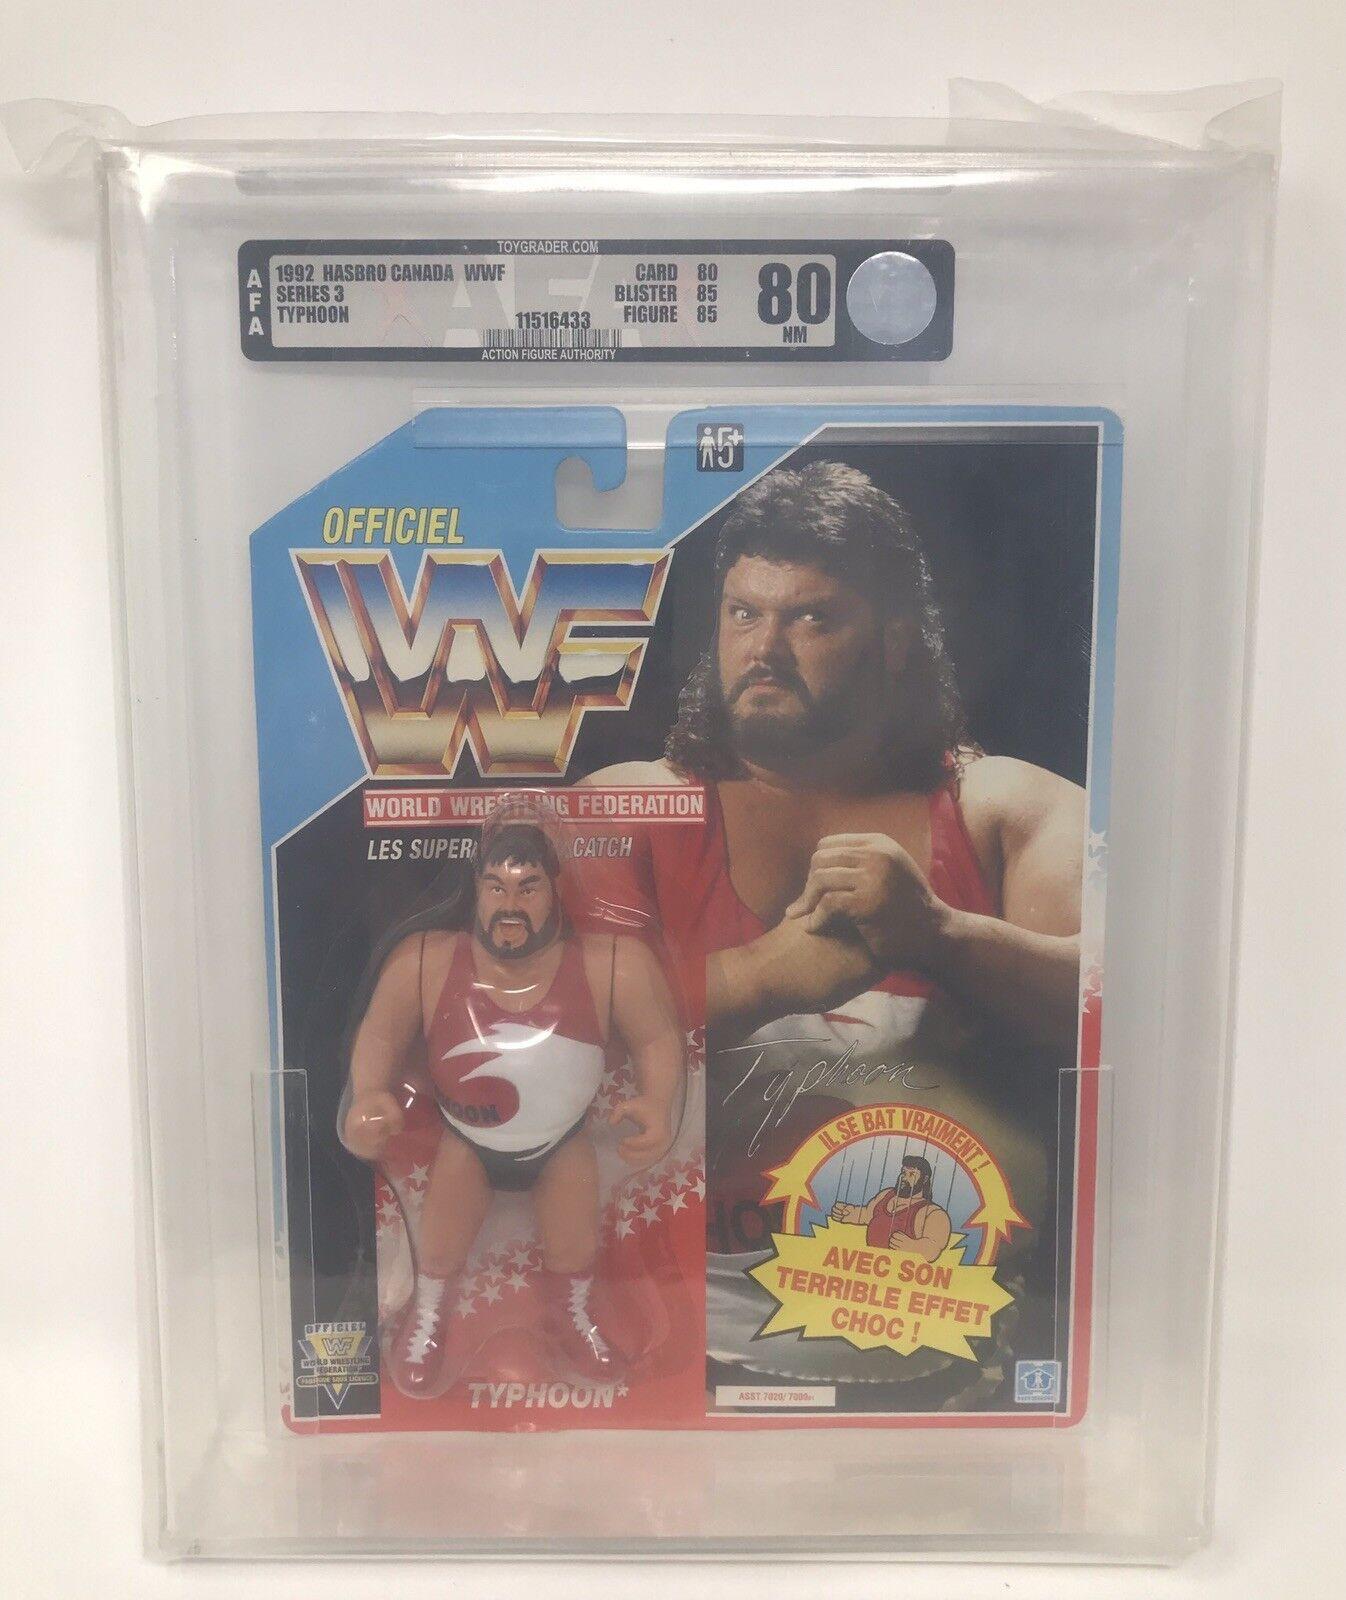 mejor servicio Typhoon 1992 serie 3 HASBRO WWF lucha libre figura figura figura Frojo Ottman remolcador WWE autoridad Figura de Acción 80  envío rápido en todo el mundo